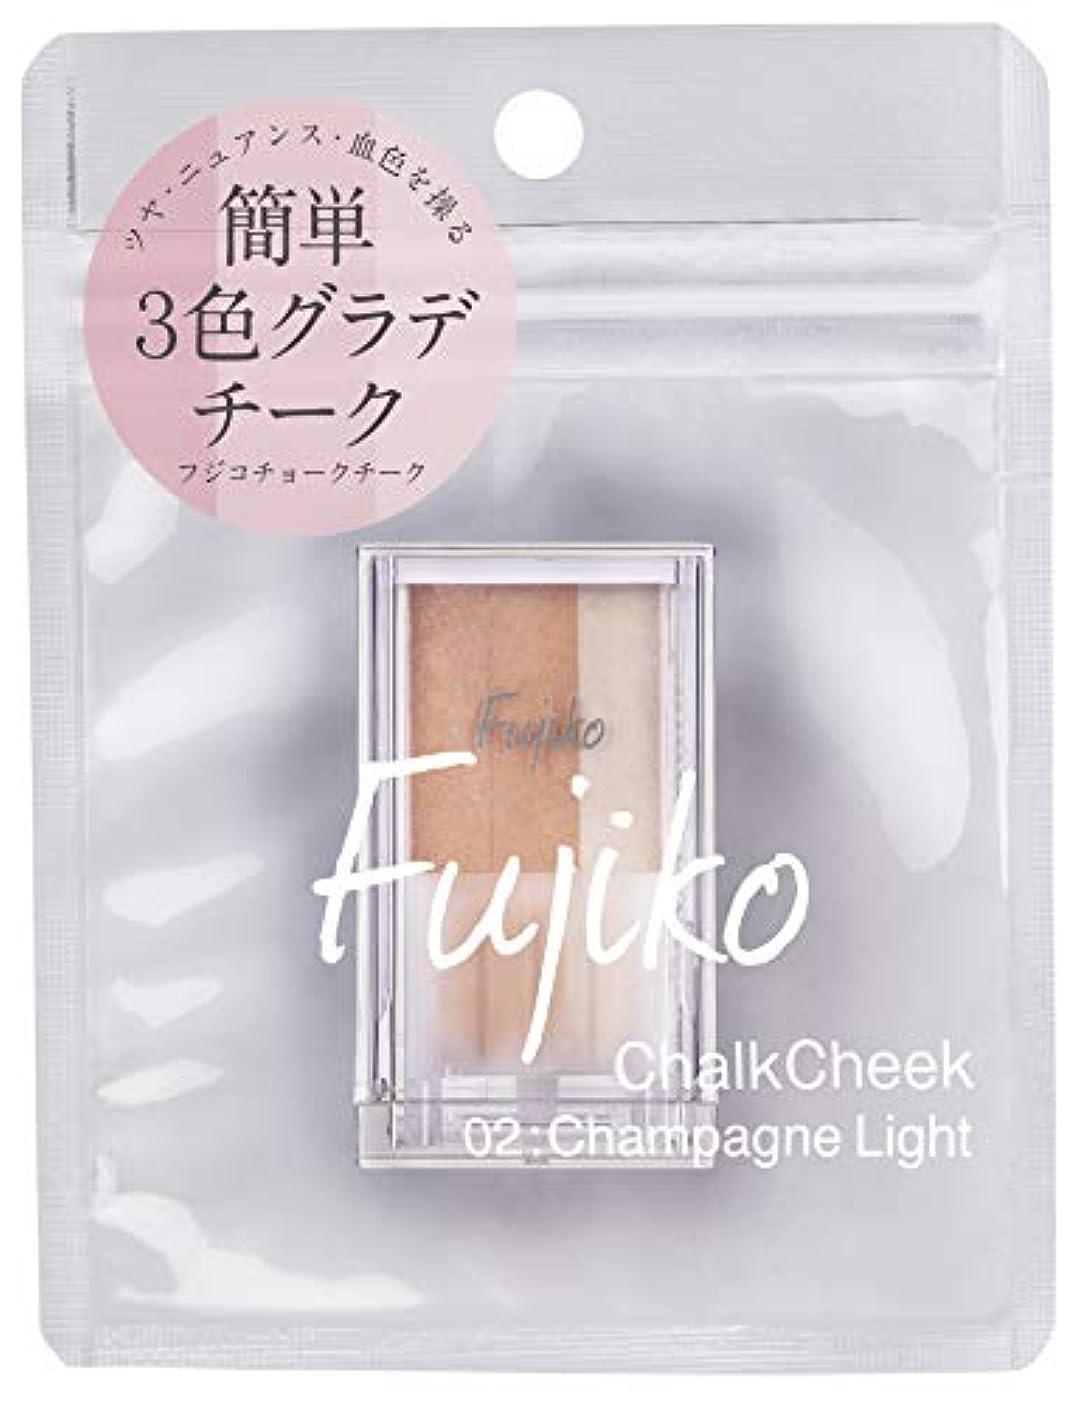 休眠パネル怪物Fujiko(フジコ) フジコ チョークチーク 02 シャンパンライト 7.1g ピンク